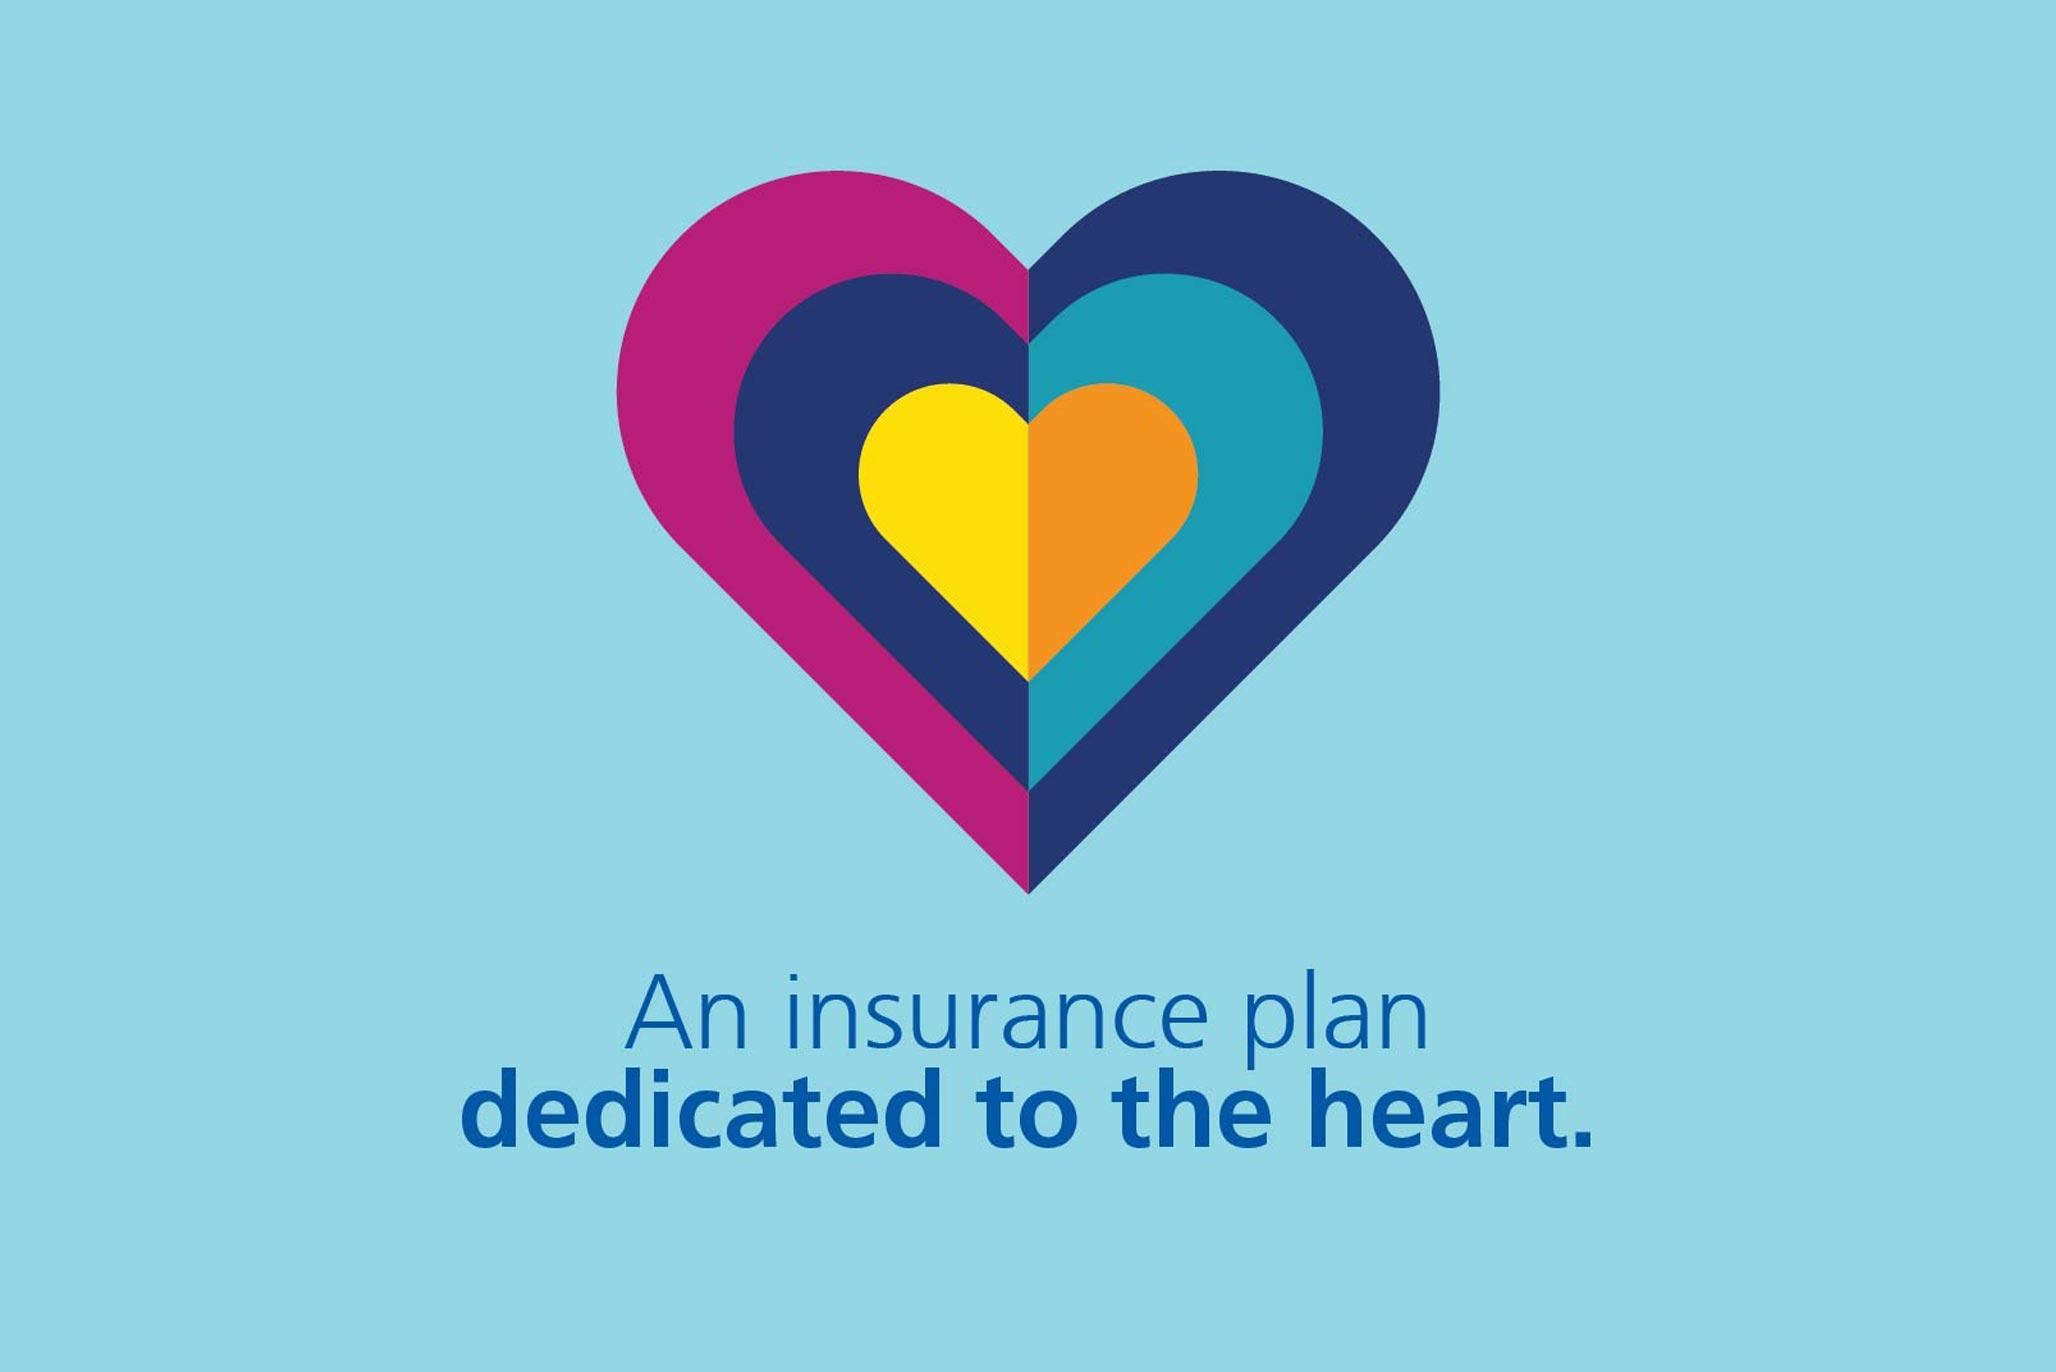 दिल की बीमारियों के लिए स्वास्थ बीमा योजनायें